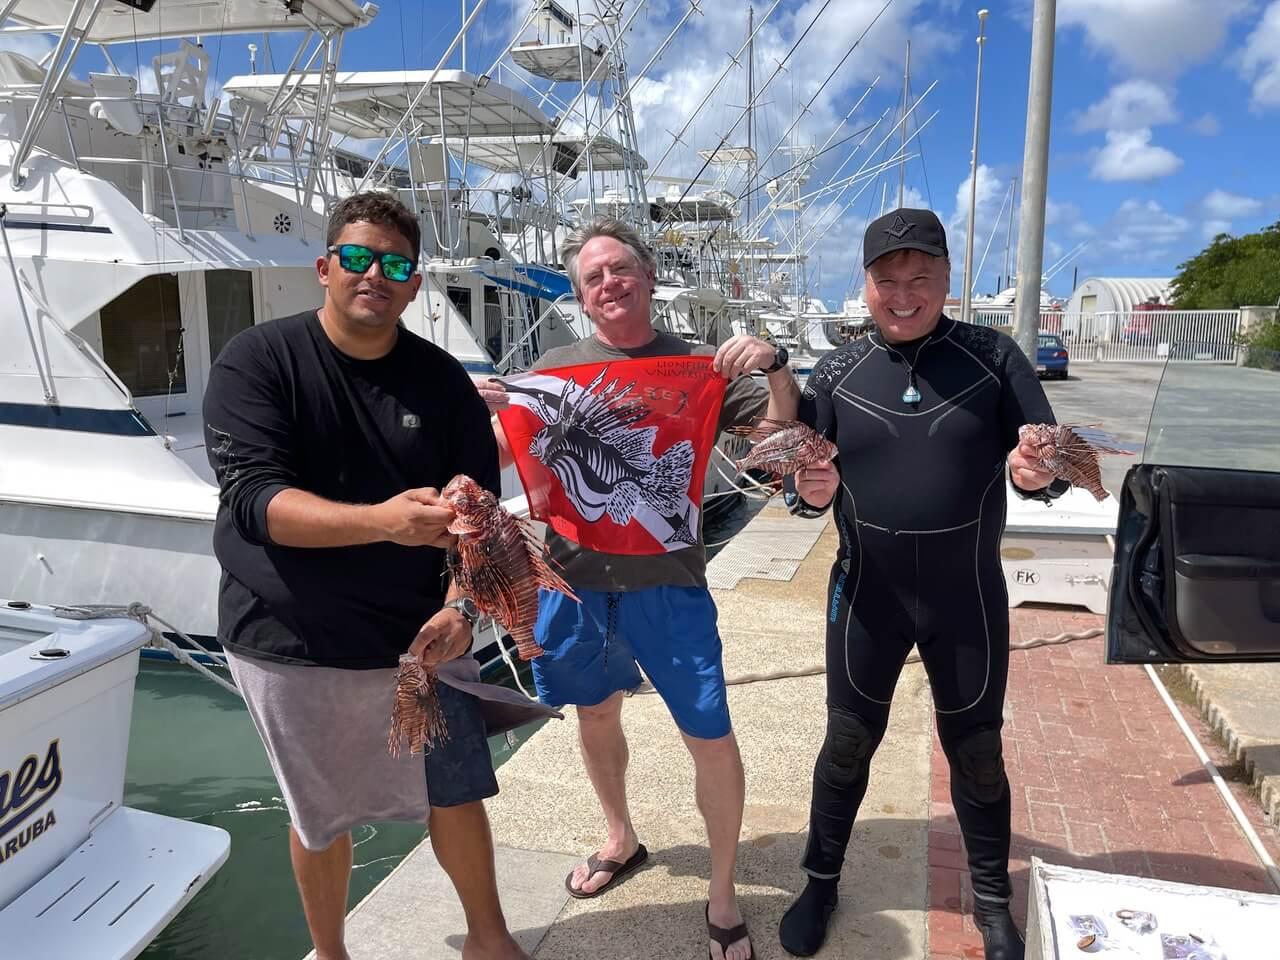 Mike & Matt Boland & Roger J. Muller, Jr.